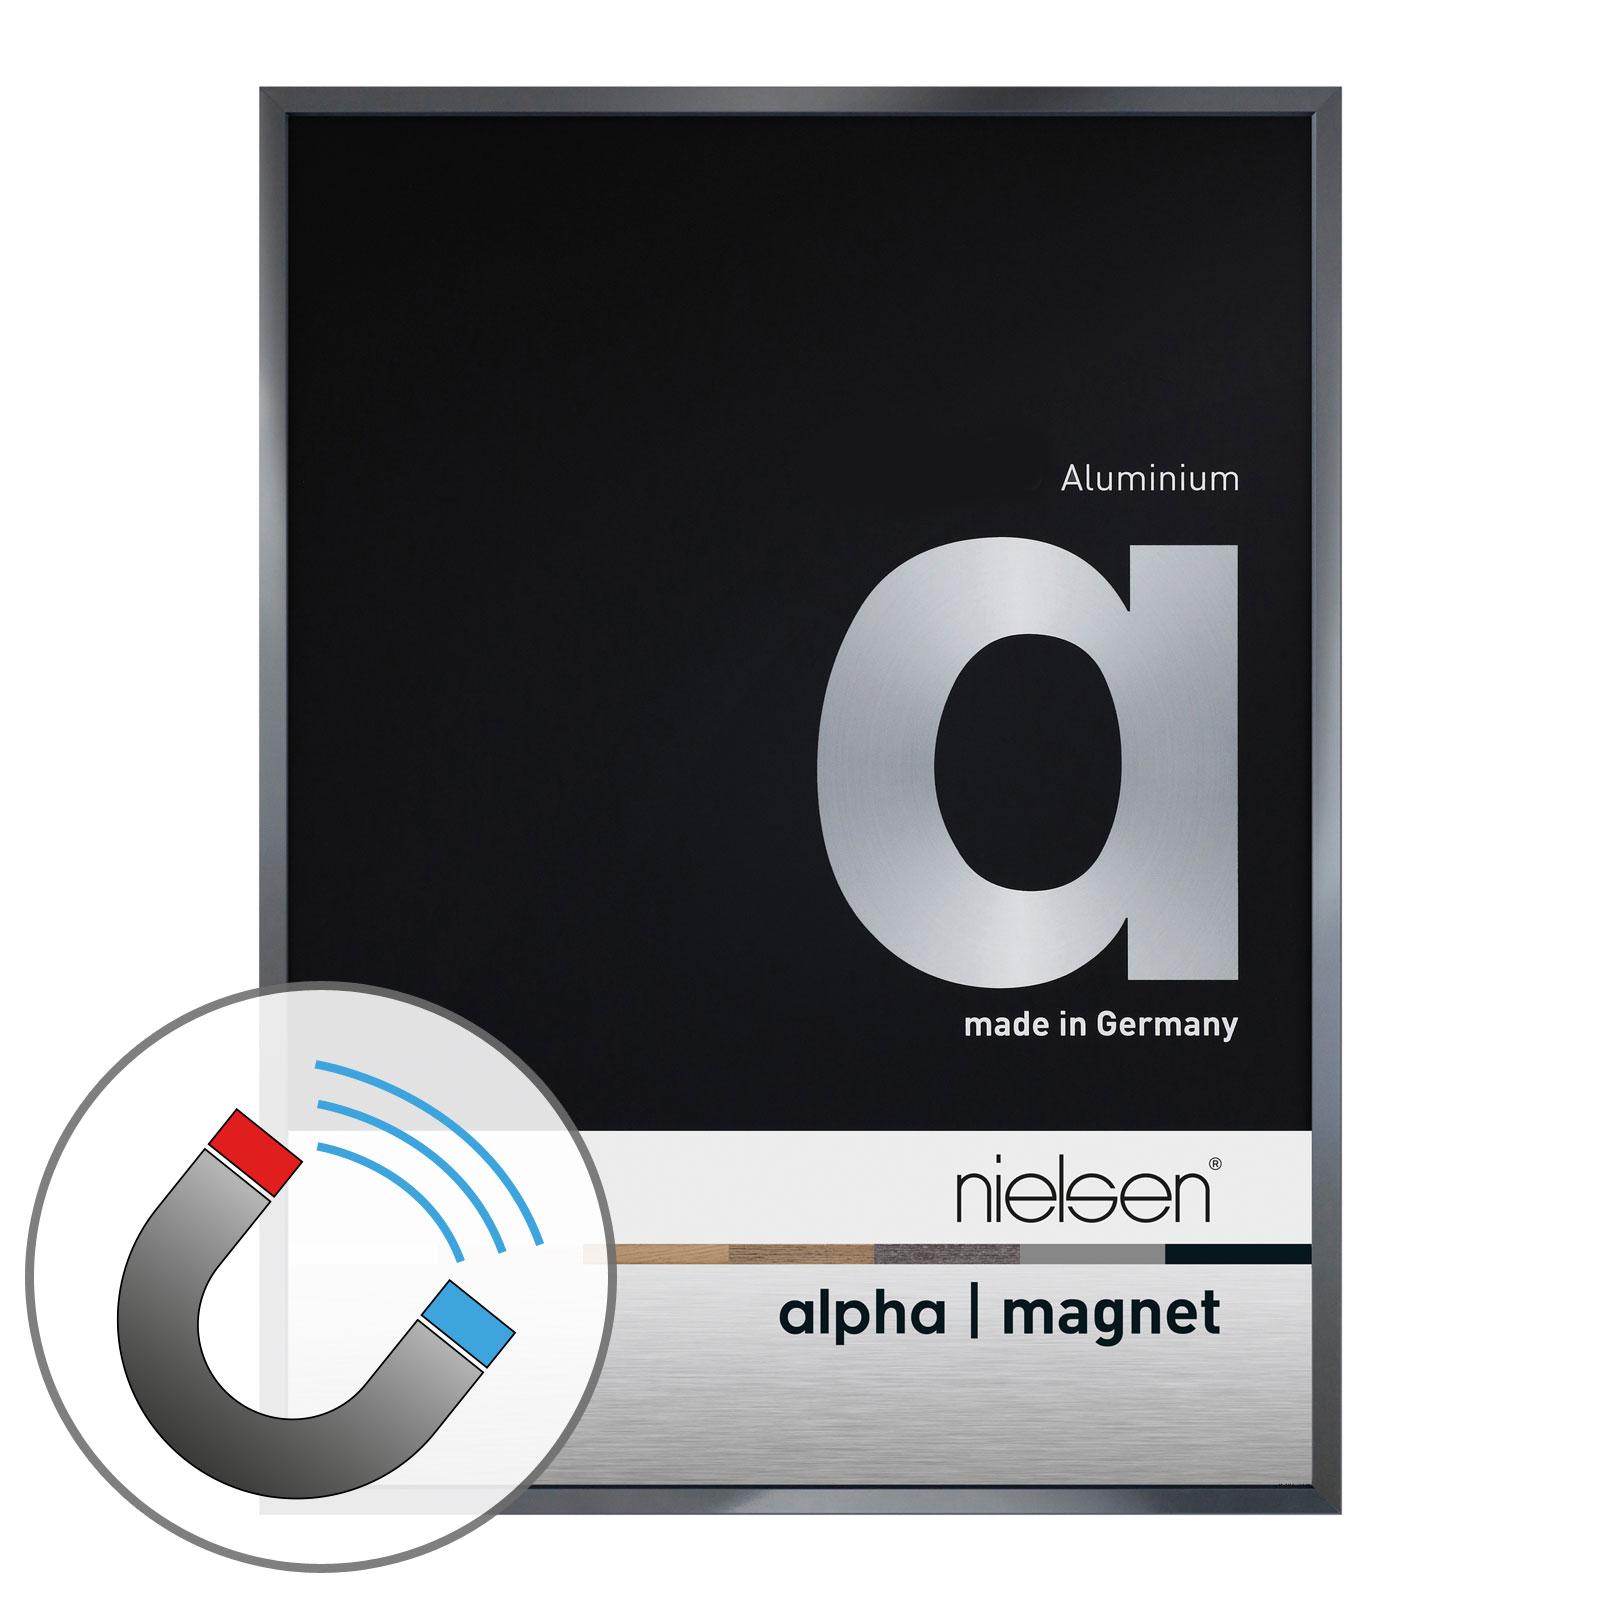 Nielsen Bilderrahmen Alpha Magnet Aluminium   Nielsen Bilderrahmen ...